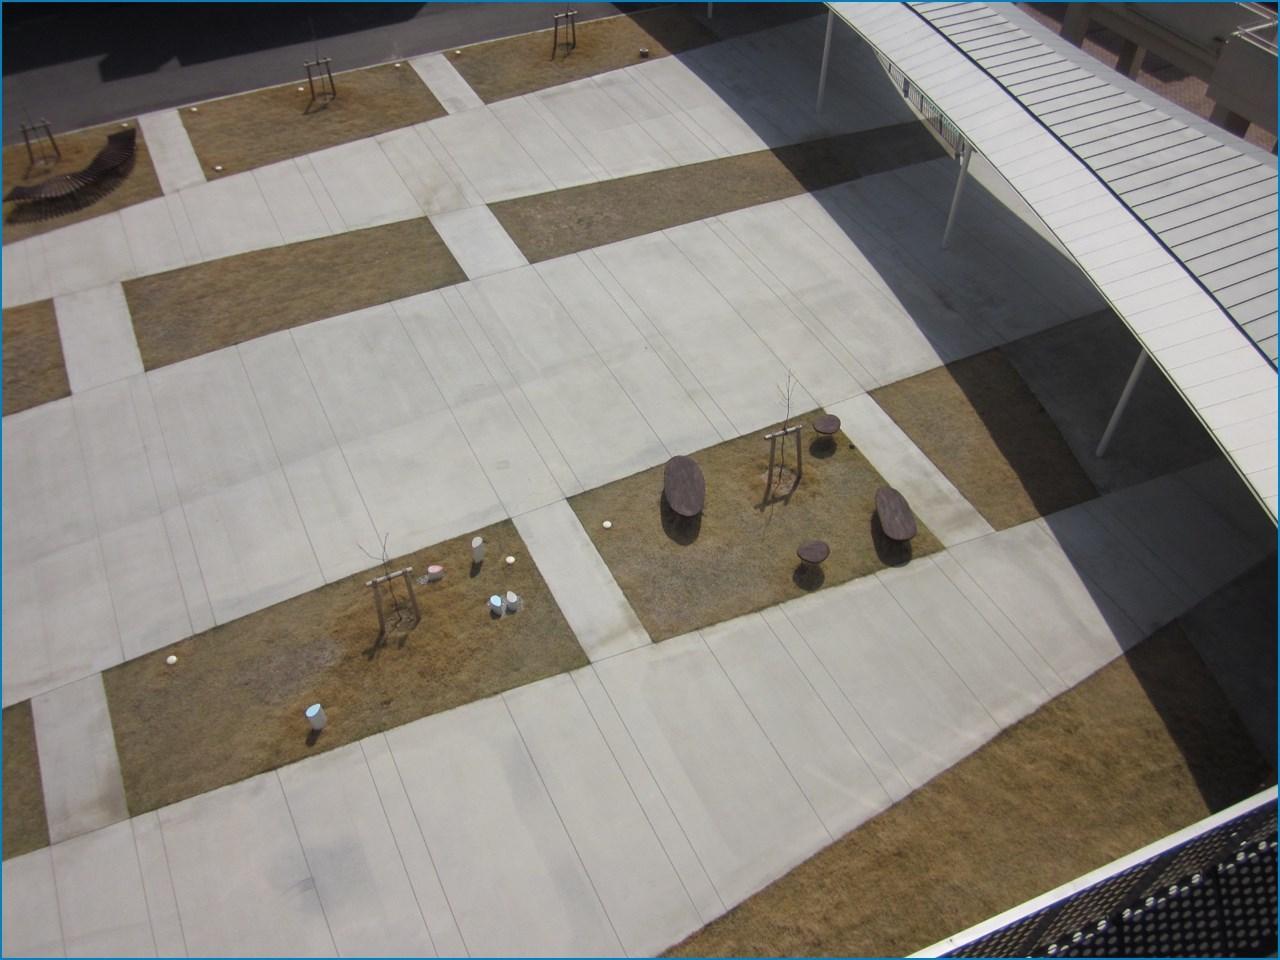 静岡理工科大学 理工学部 建築学科棟の見学 1_c0376508_05030216.jpg